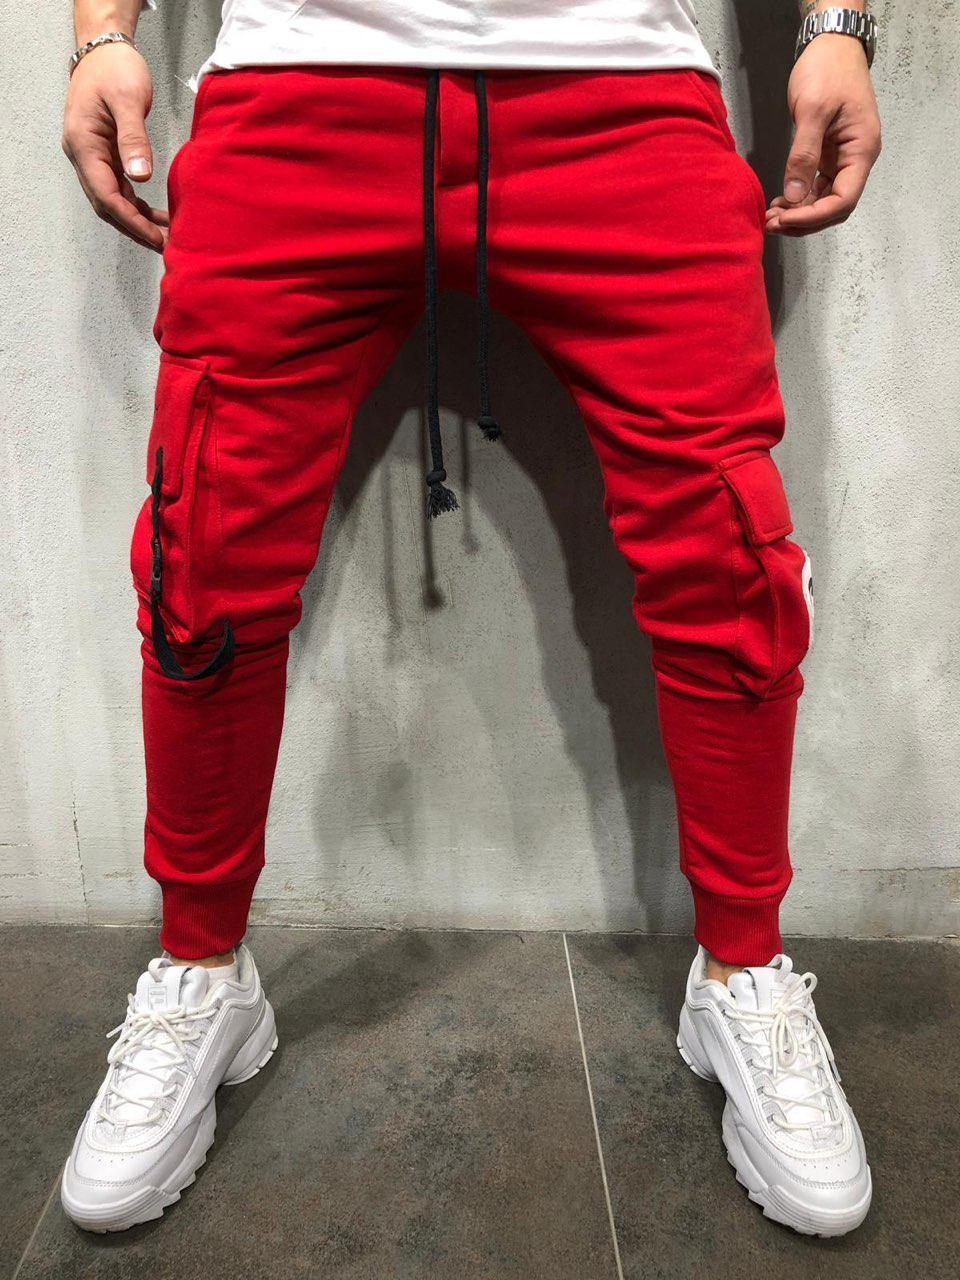 3346601f Мужские спортивные штаны с накладными карманами красные - Интернет-магазин  обуви и одежды KedON в